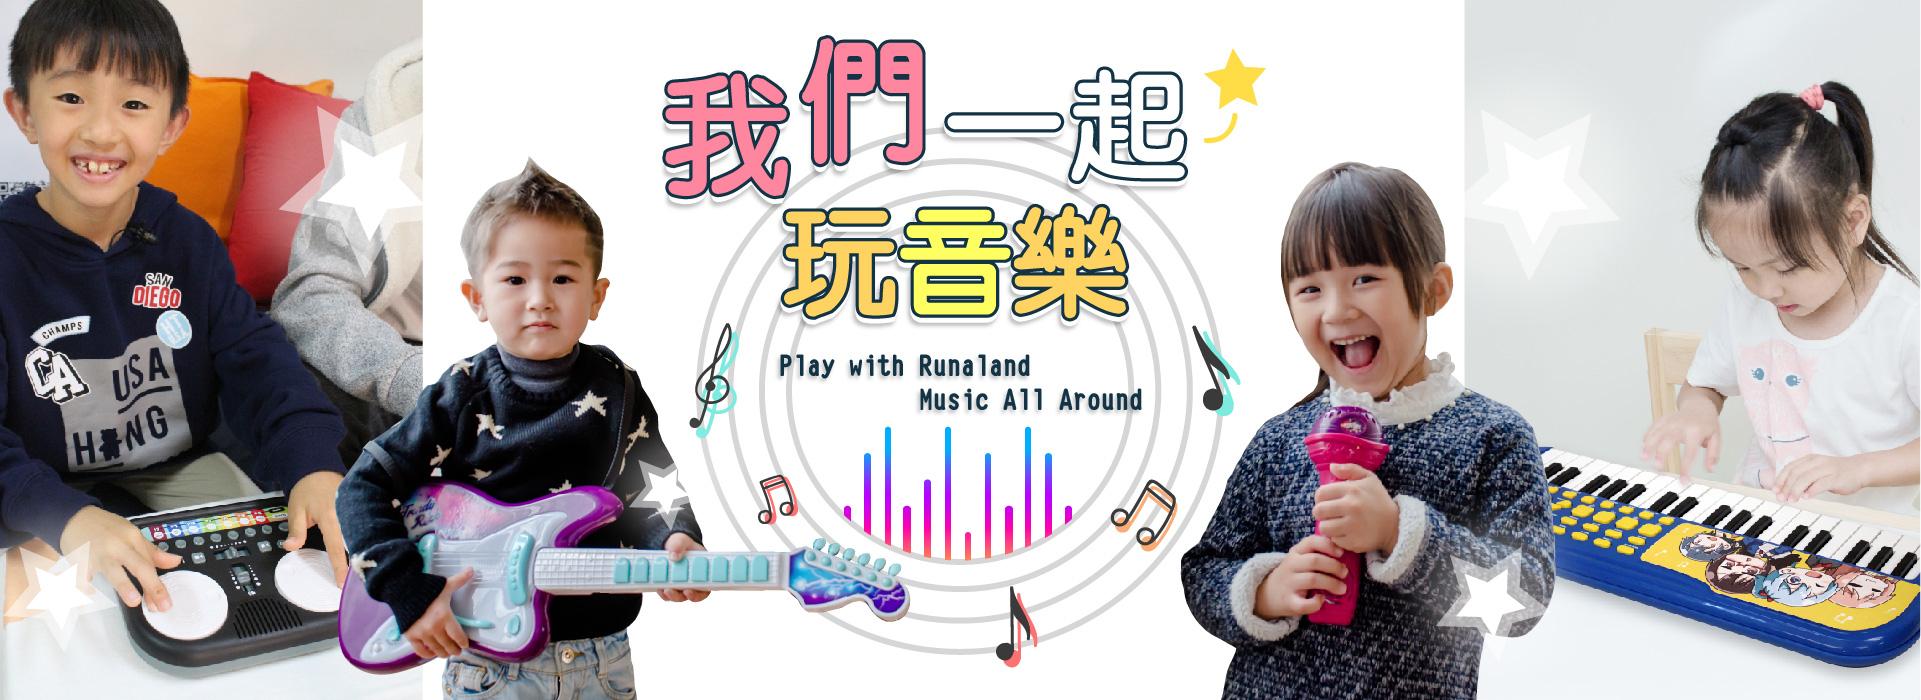 一起玩音樂